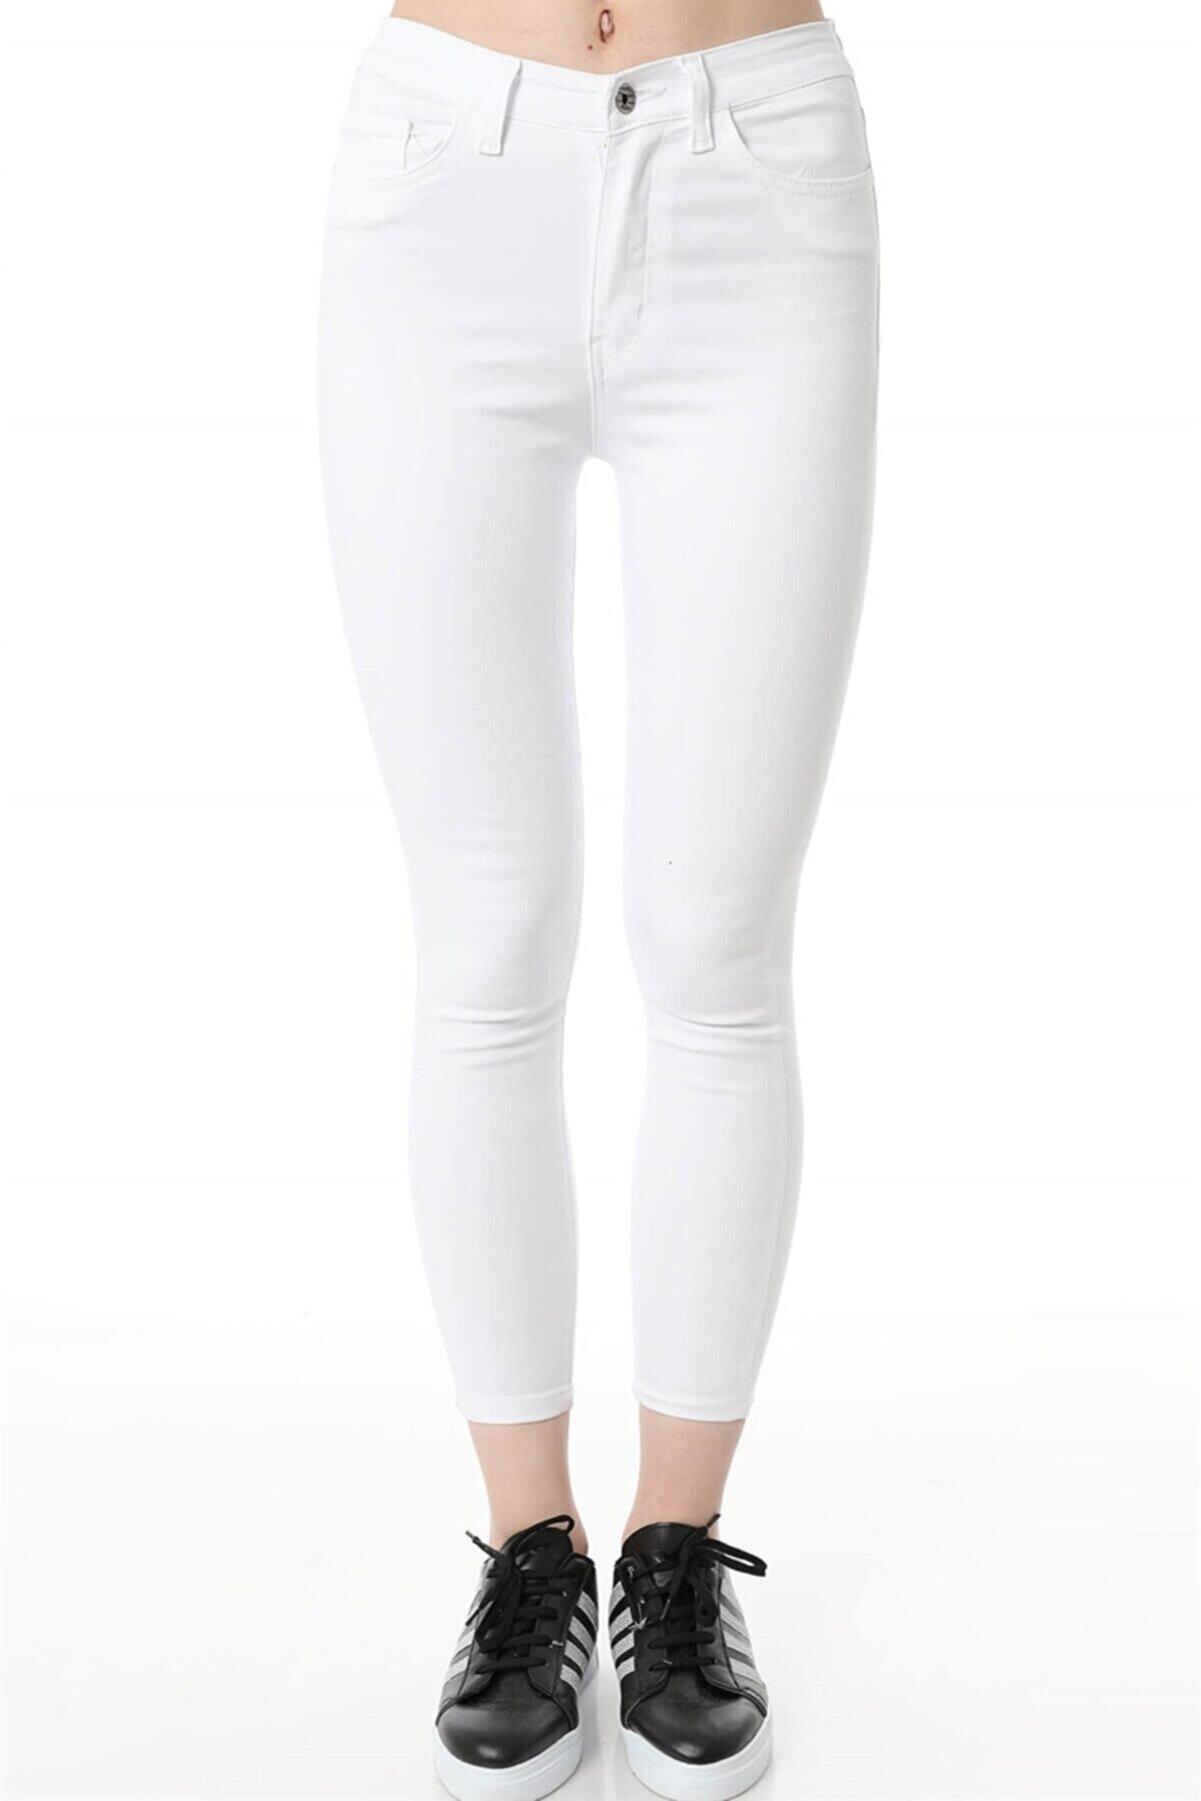 ZİNCiRMODA Kadın Yüksek Bel Dar Paça Skinny Fit Denim Jeans Kot Pantolon Beyaz